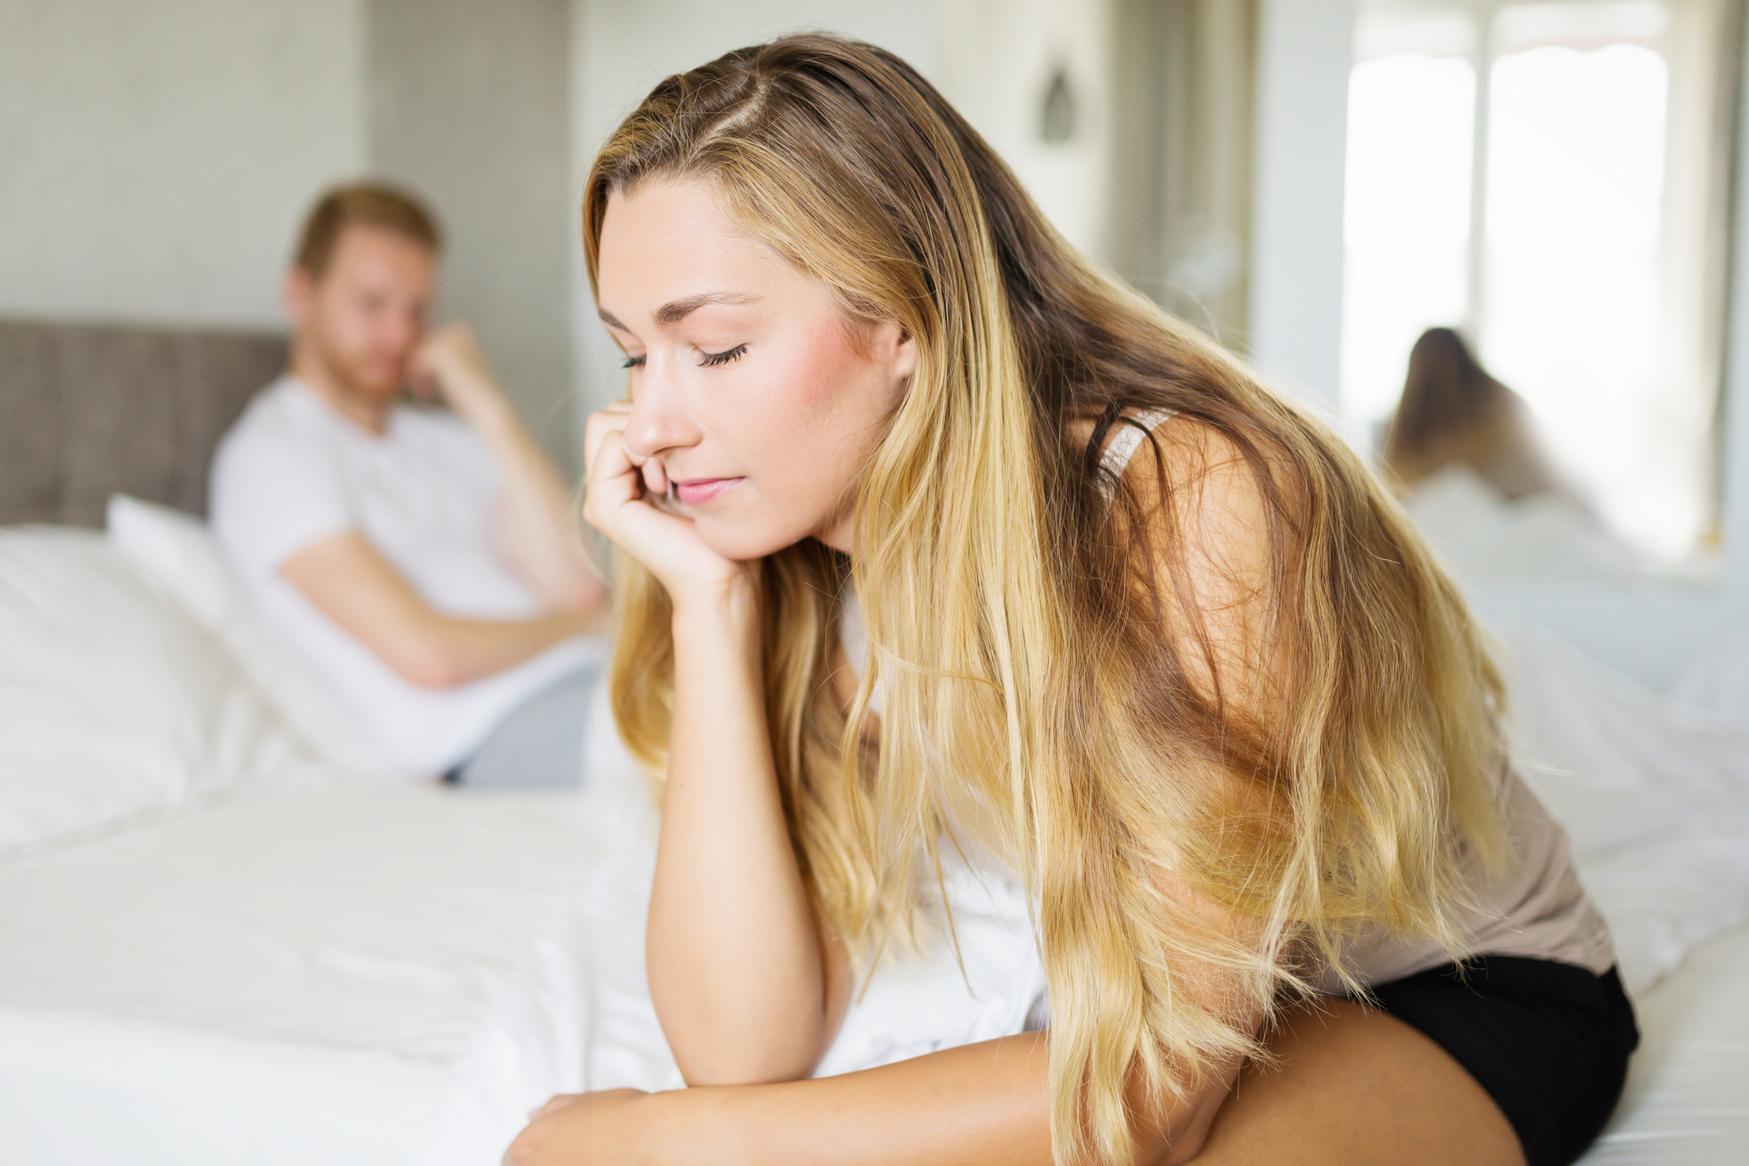 Trauma papilloma: hogyan kell cselekedni, mit fenyeget?